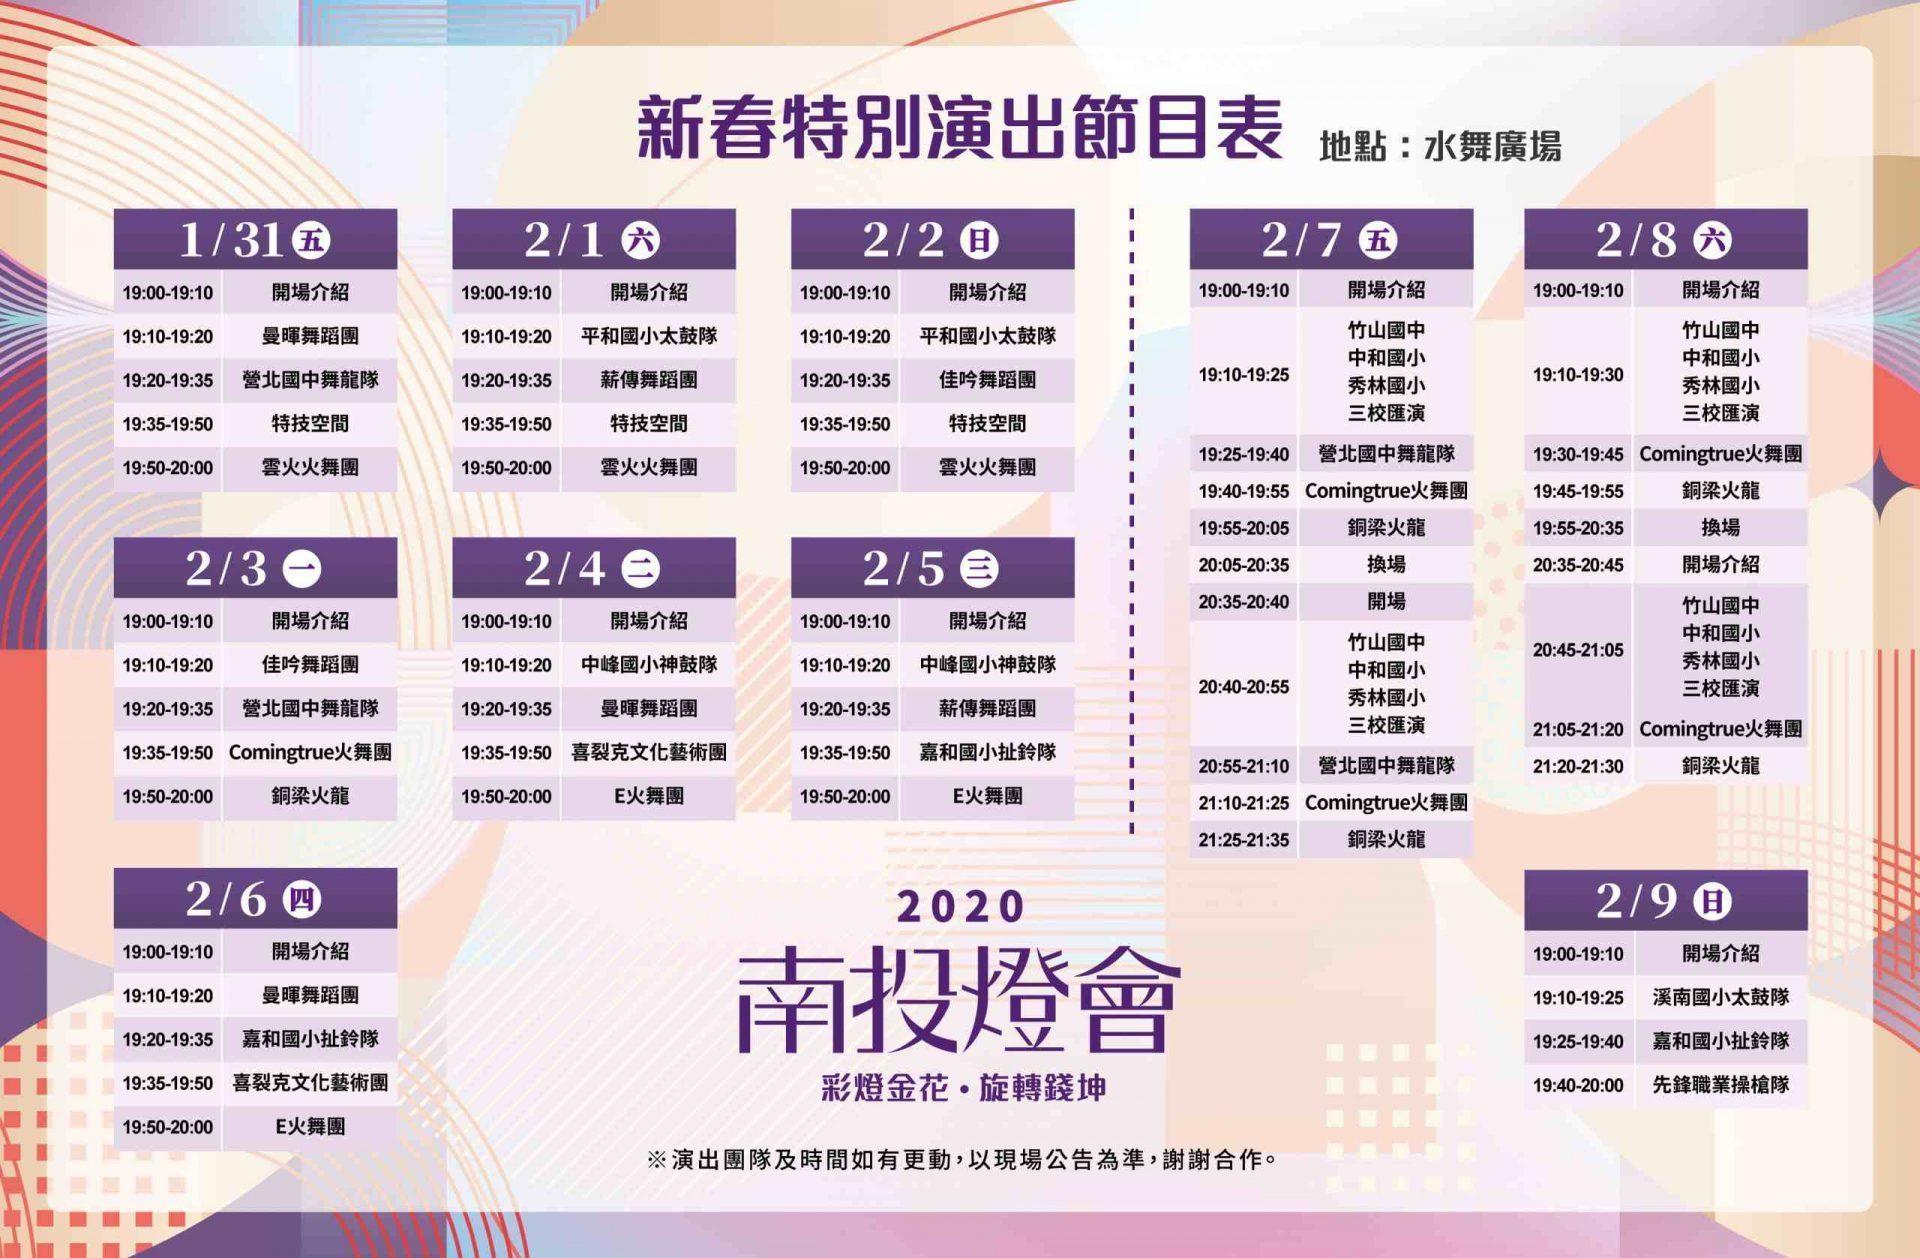 2020銅梁火龍 | 已取消 | 免費VIP門票&交通攻略【震撼火光炸翻南投燈會 】